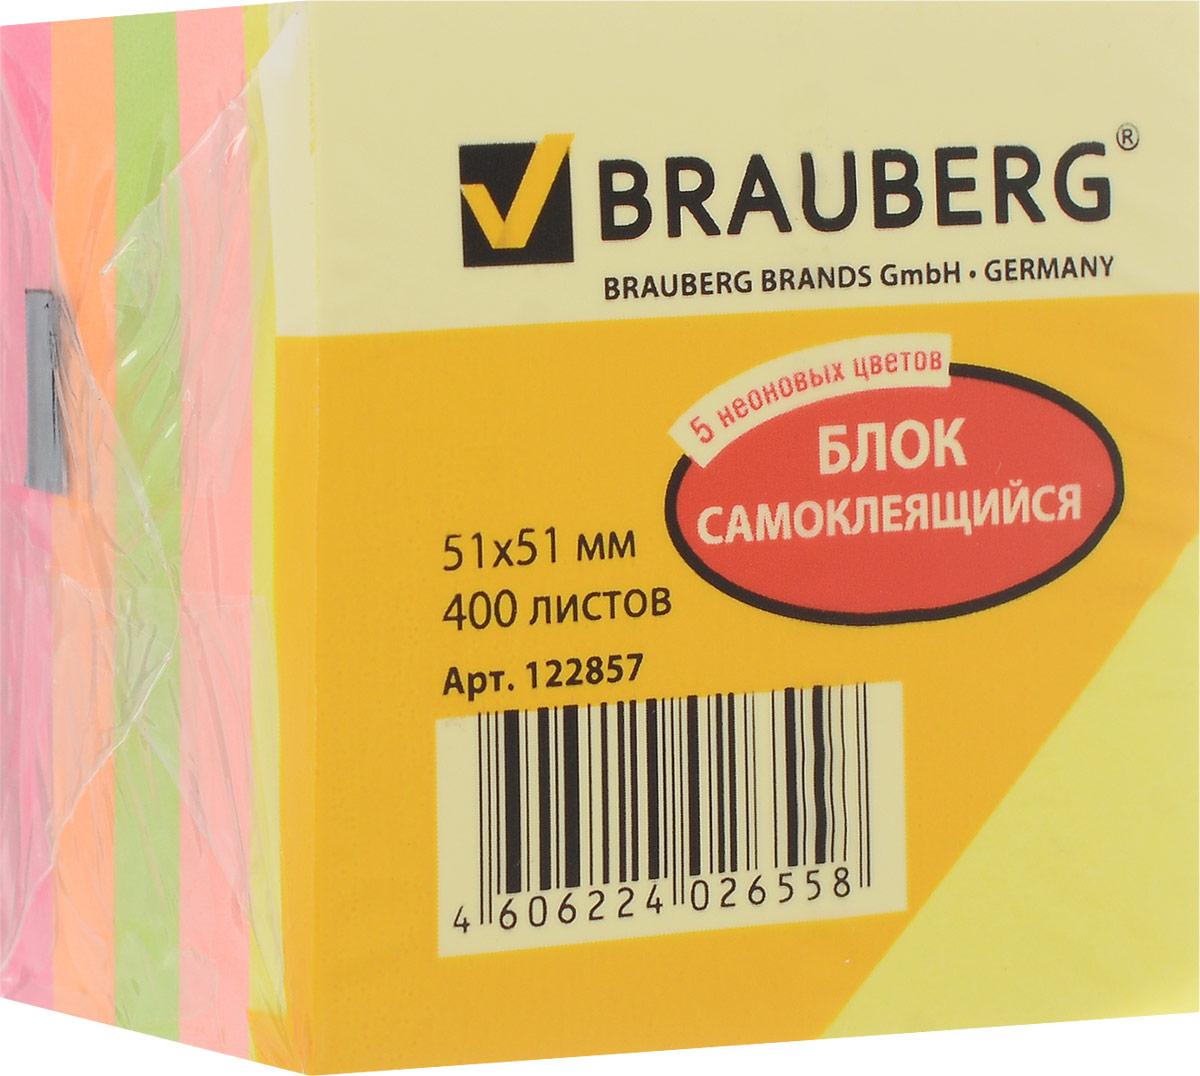 Brauberg Бумага для заметок с липким слоем 5,1 х 5,1 см 400 листов 5 цветовHN7651BБумага для заметок с клейким краем в виде куба.Различные оттенки бумаги сделают записи более яркими и привлекательными.